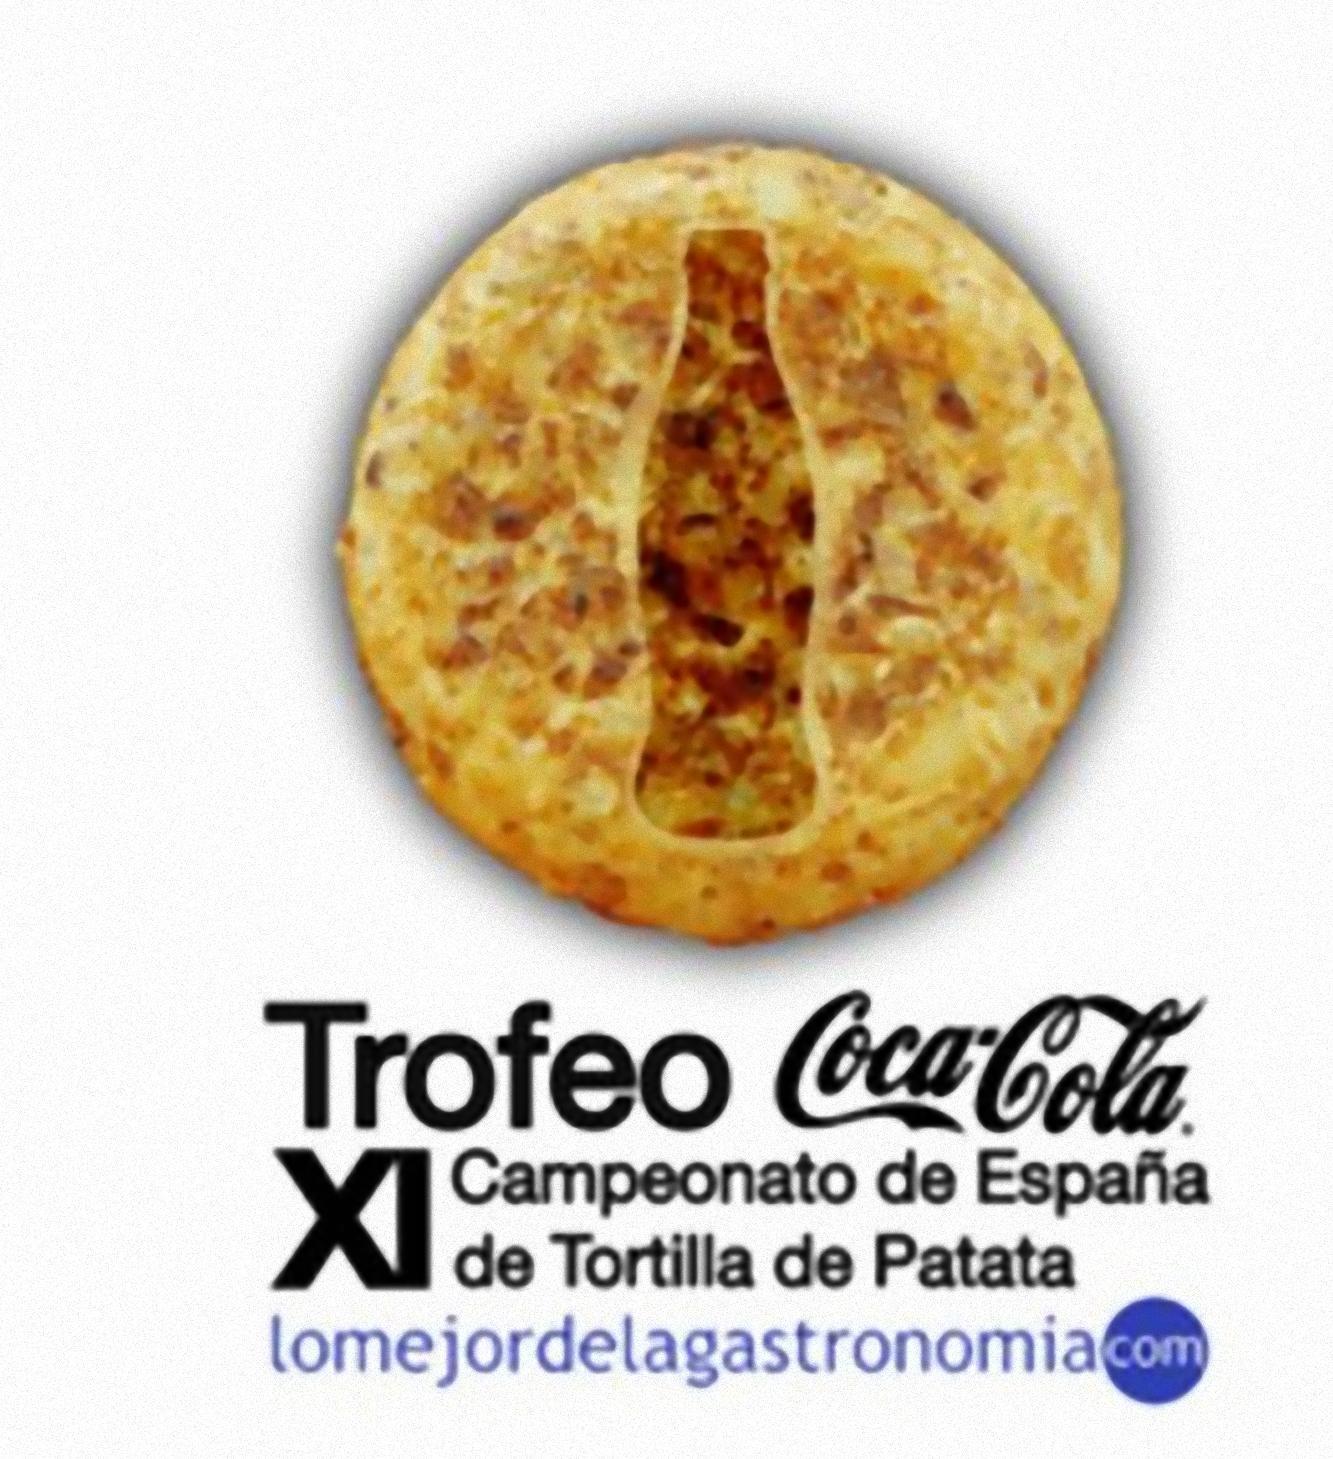 XI Campeonato de Tortilla de Patatas